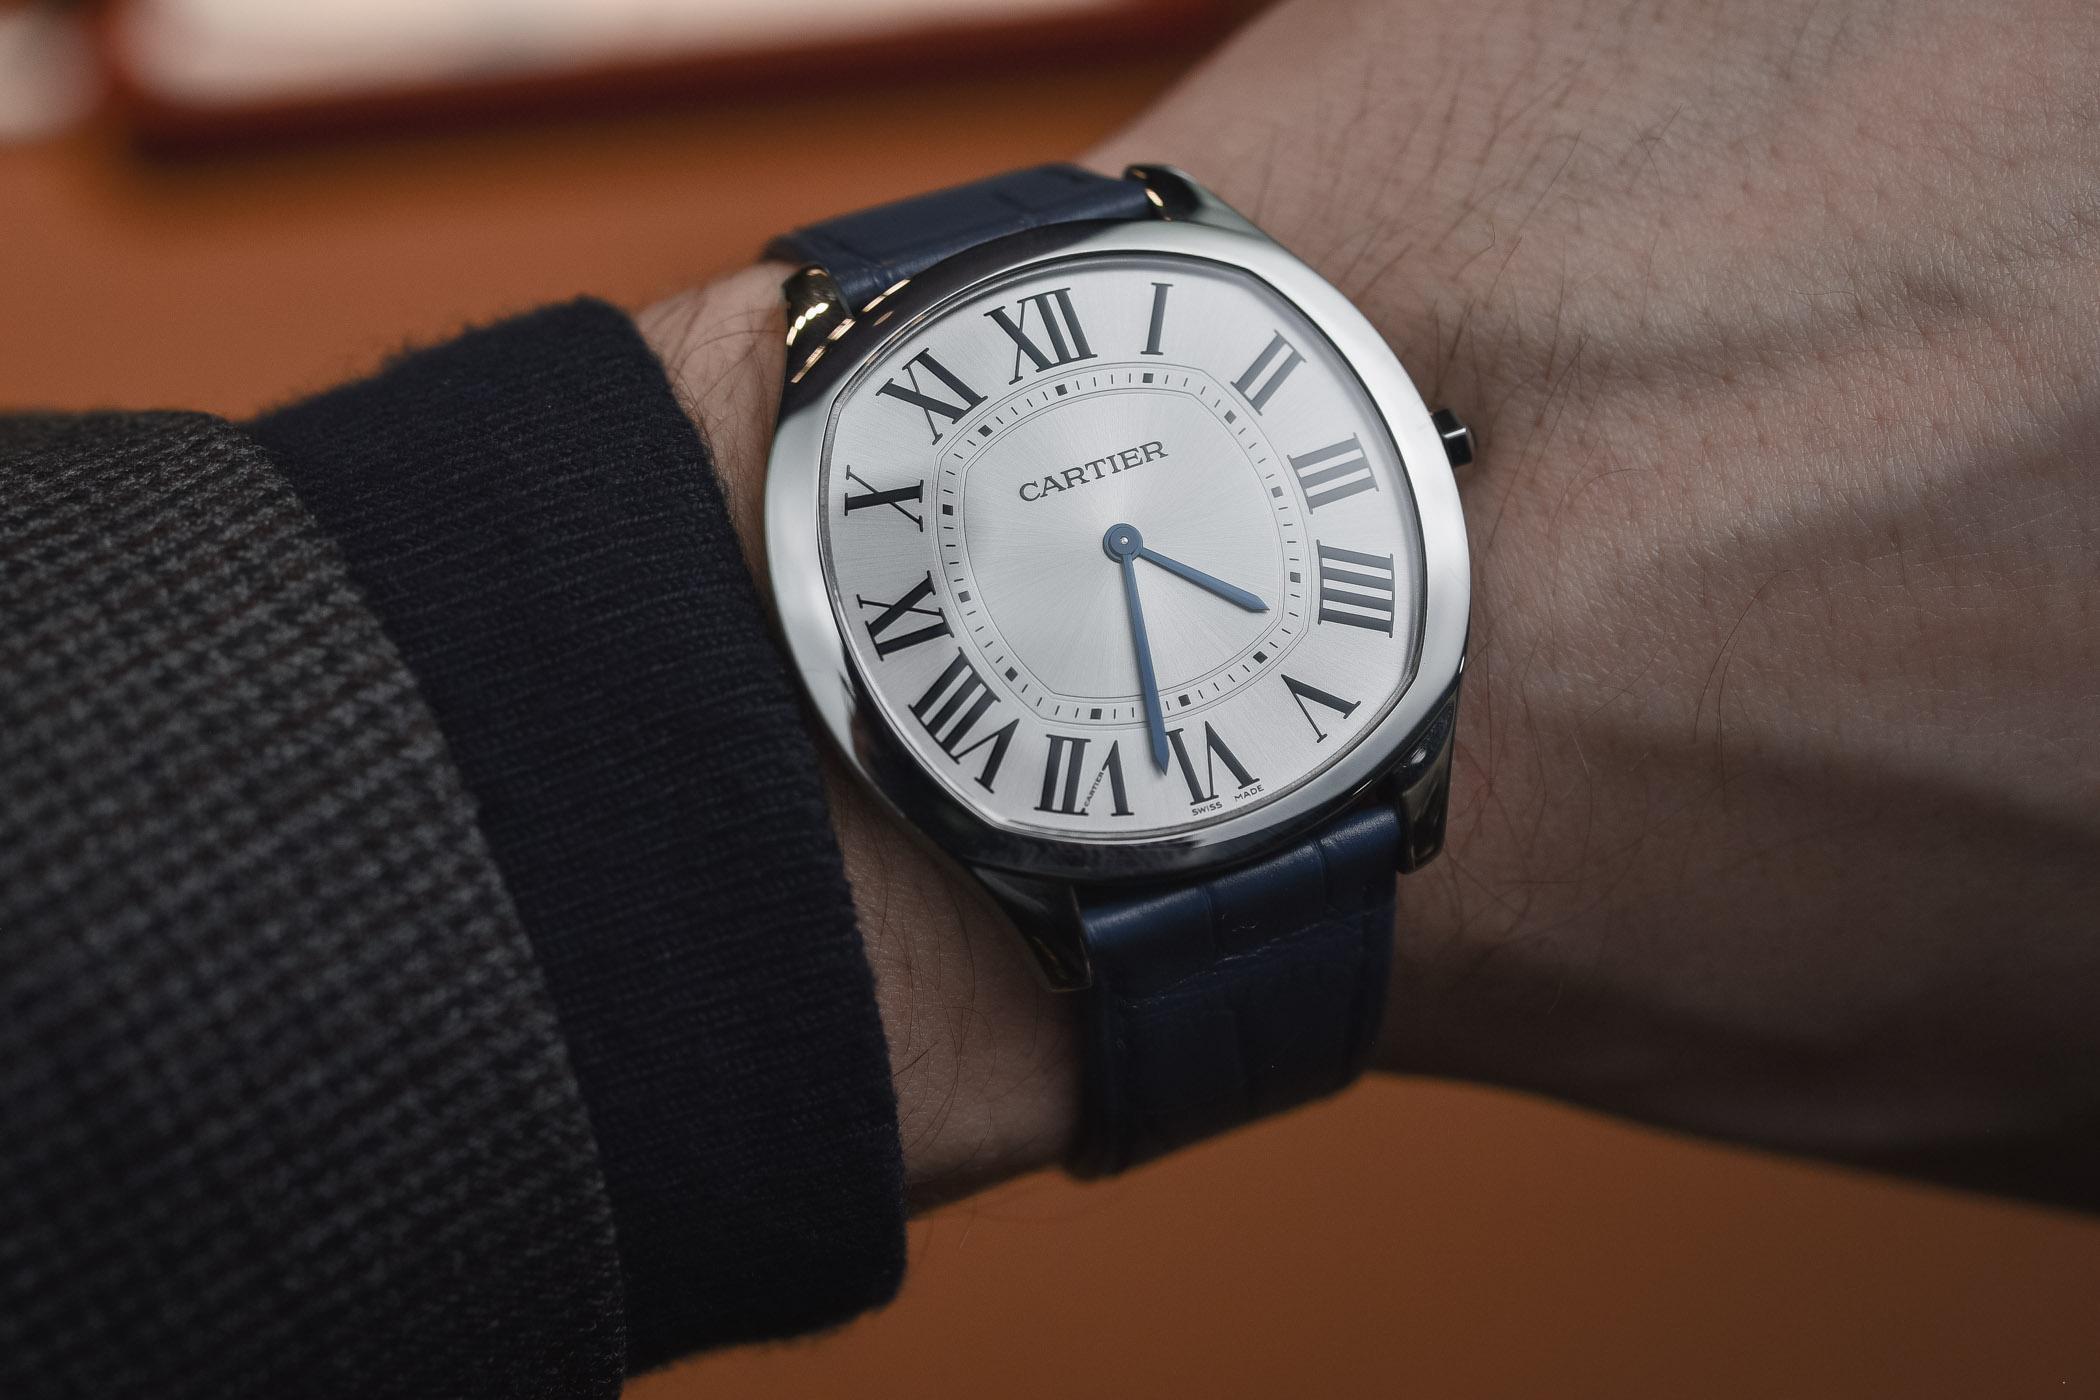 Reolicas Cartier-w